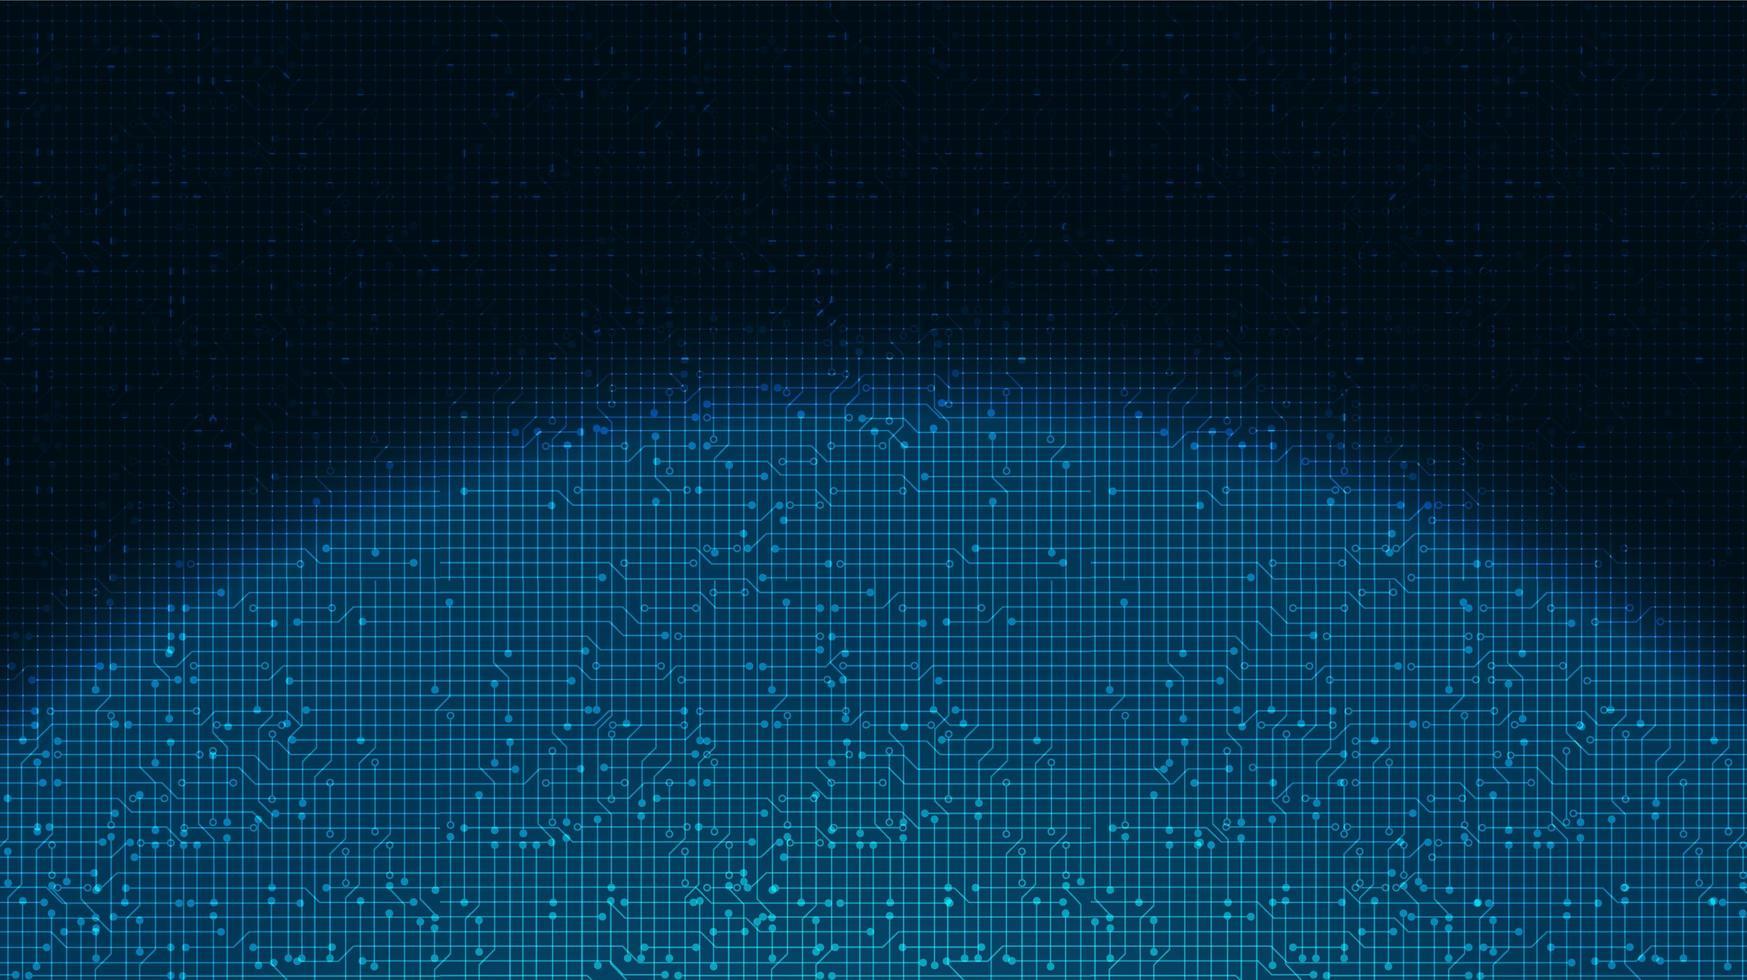 sfondo tecnologia ombra e luce, design concept digitale e comunicazione hi-tech, spazio libero per il testo vettore